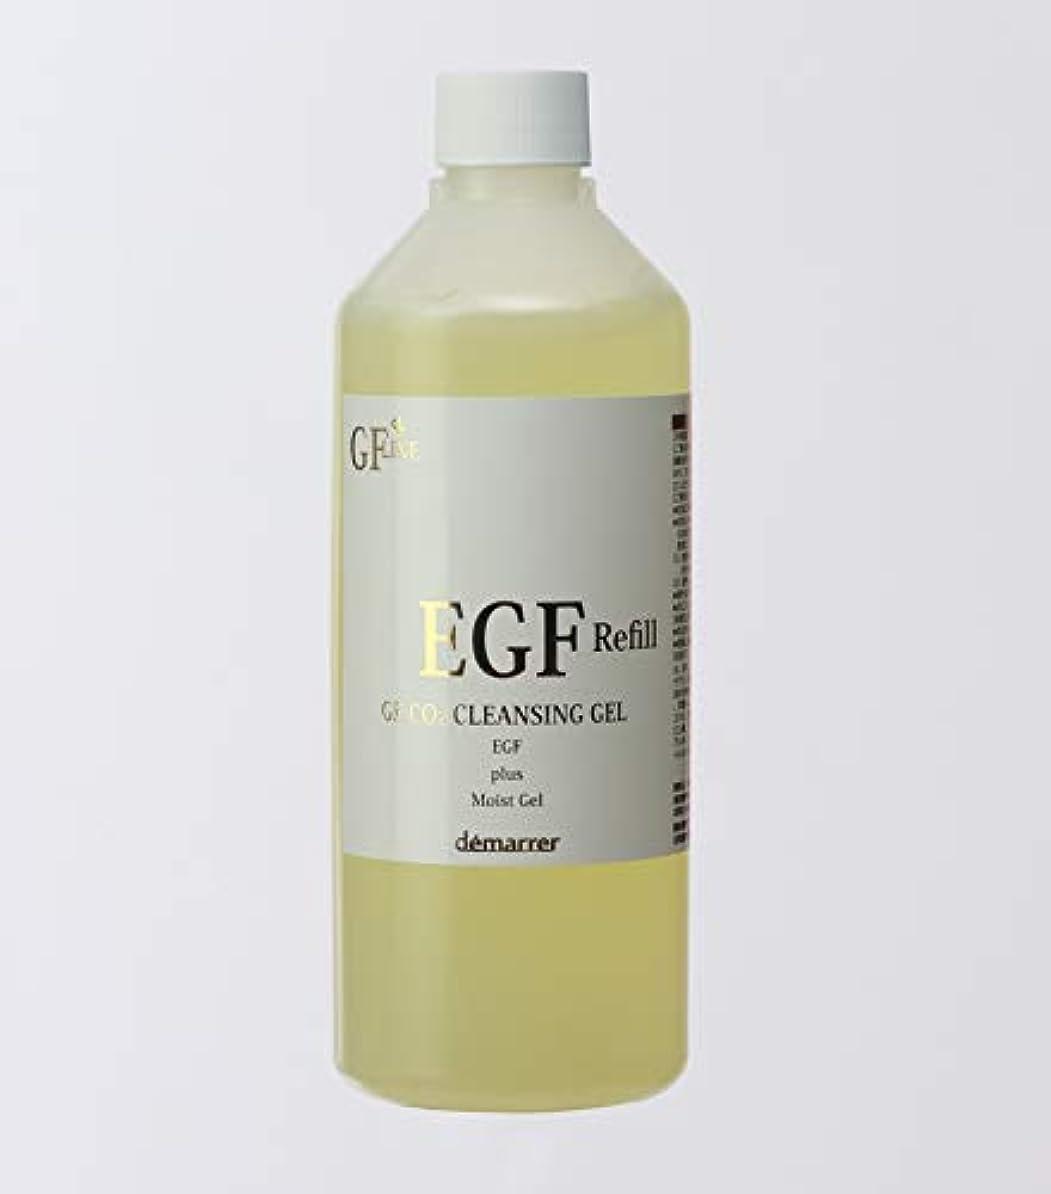 槍アルミニウム確執デマレ GF 炭酸洗顔クレンジング 400g レフィル